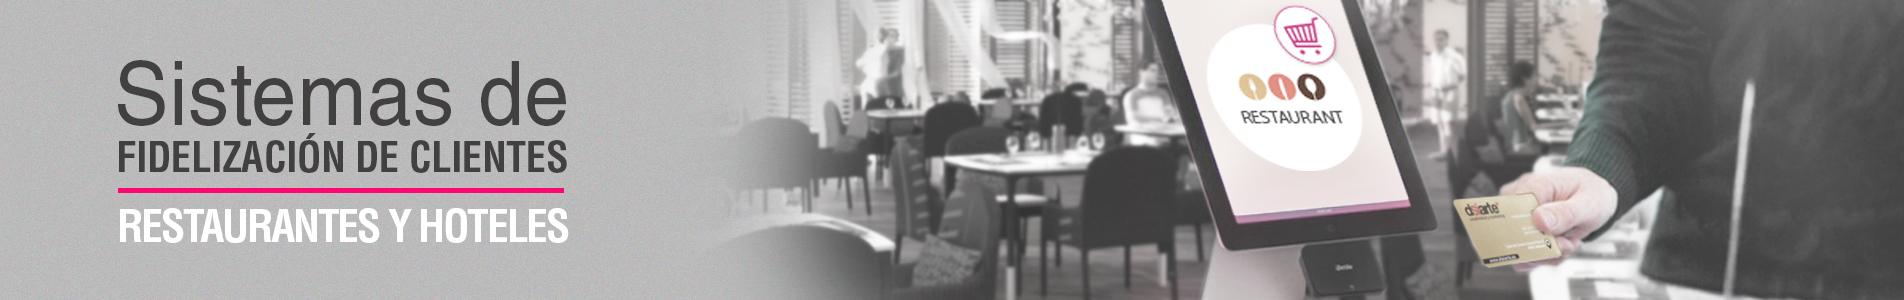 Programas fidelizacion hoteles y restaurantes programas de puntos hoteles y restaurantes